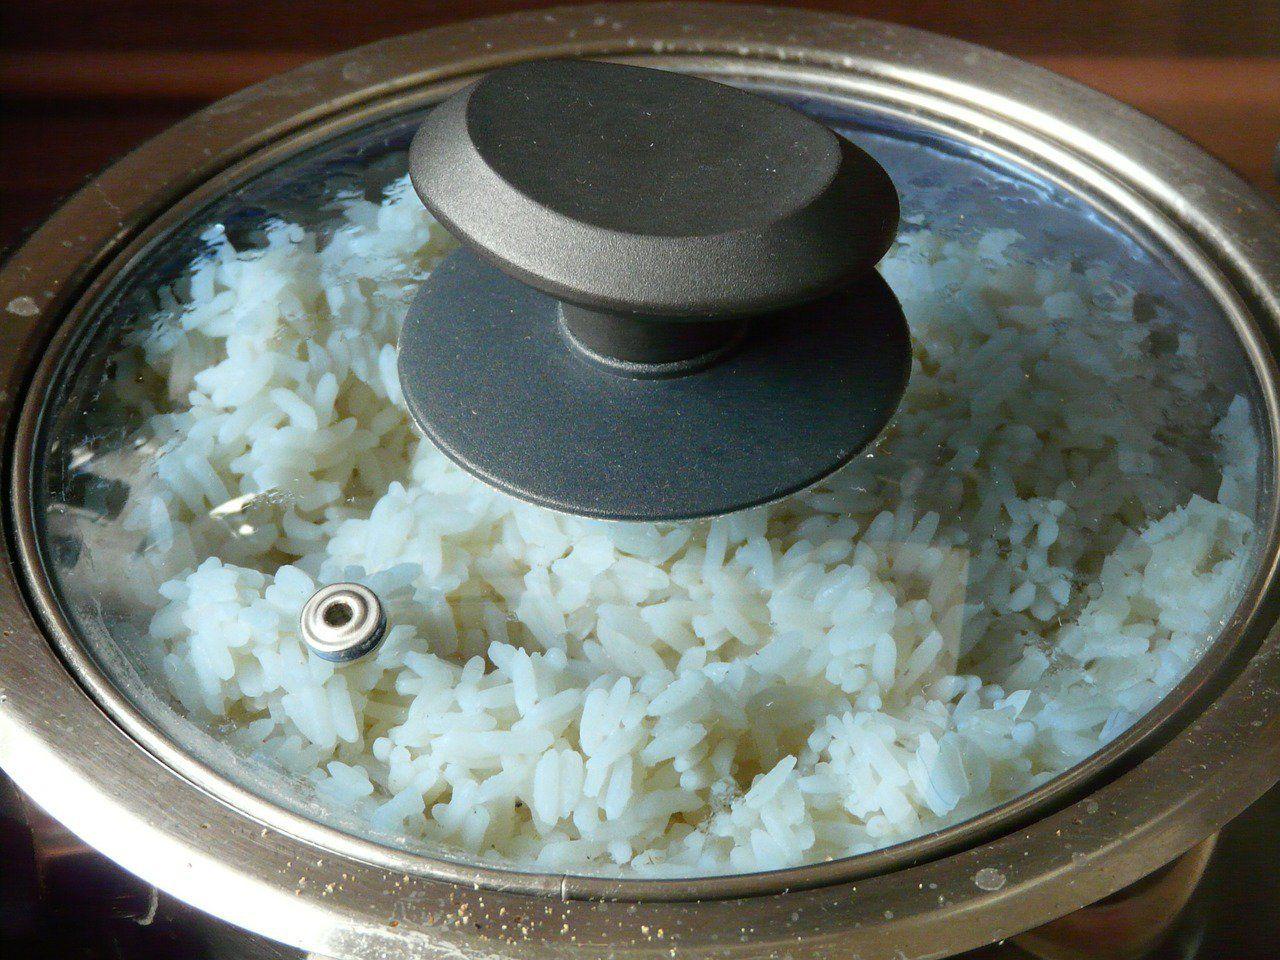 """Cocinar el arroz de forma tradicional podría no ser tan saludable como pensamos, debido a sus niveles de arsénico. El arroz contiene de 10 a 20 veces más arsénico que otros cereales. La noticia ha surgido del programa de televisión 'Trust me, I'm a doctor' ('Confía en mí, soy doctor') de la BBC. Andy Meharg … Continuar leyendo """"Cocinar arroz de forma tradicional podría no ser saludable"""""""